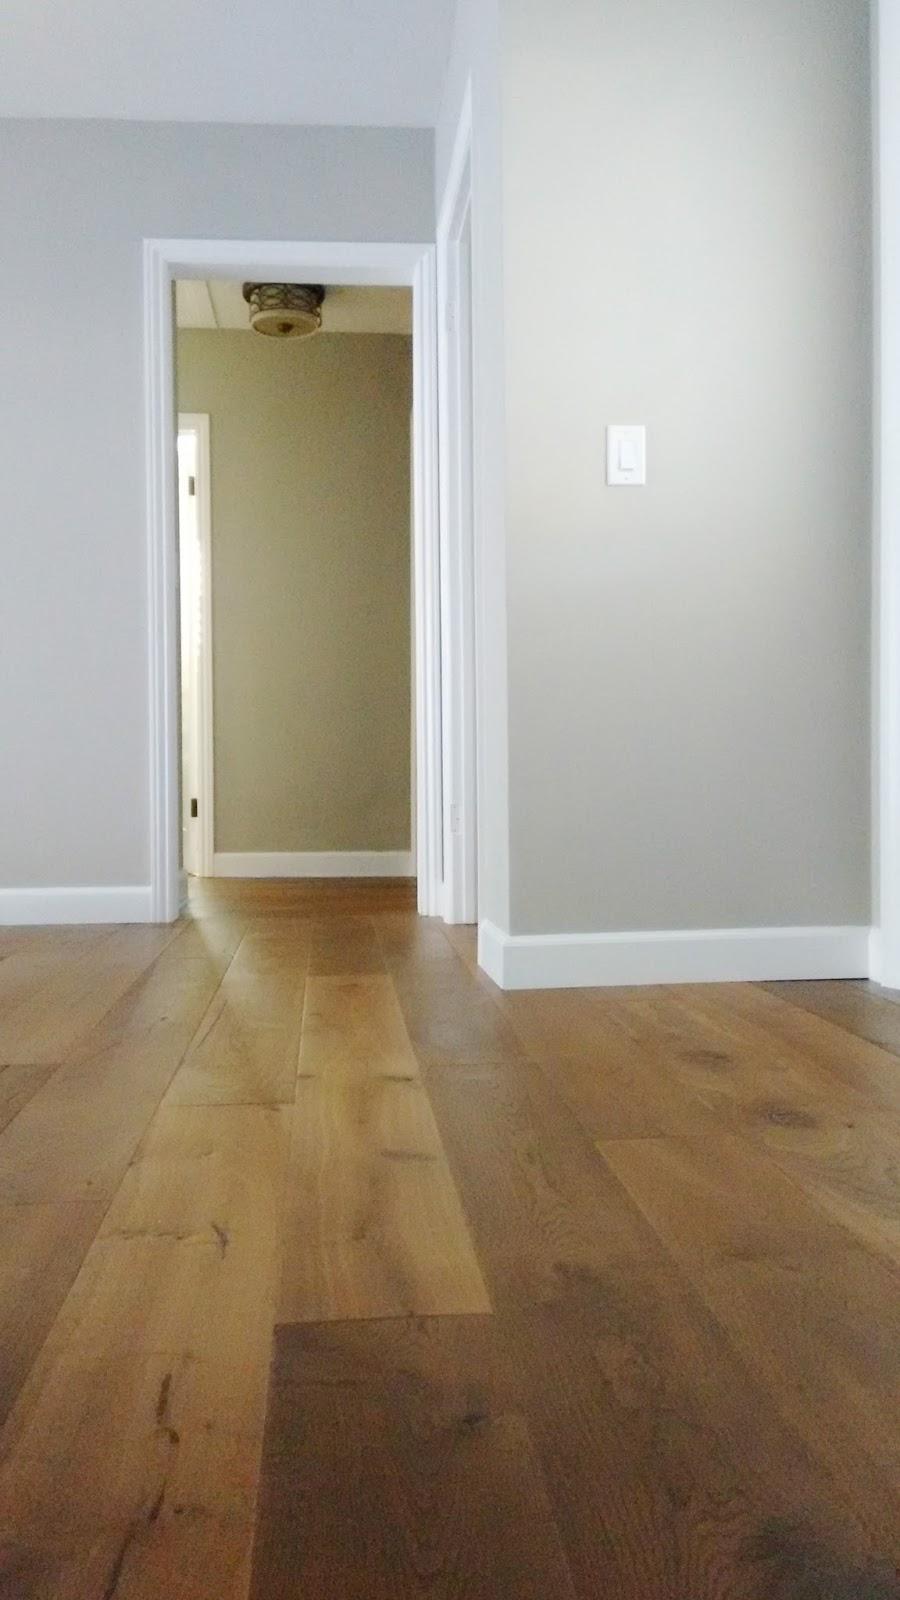 CAD INTERIORS diy home improvement projects